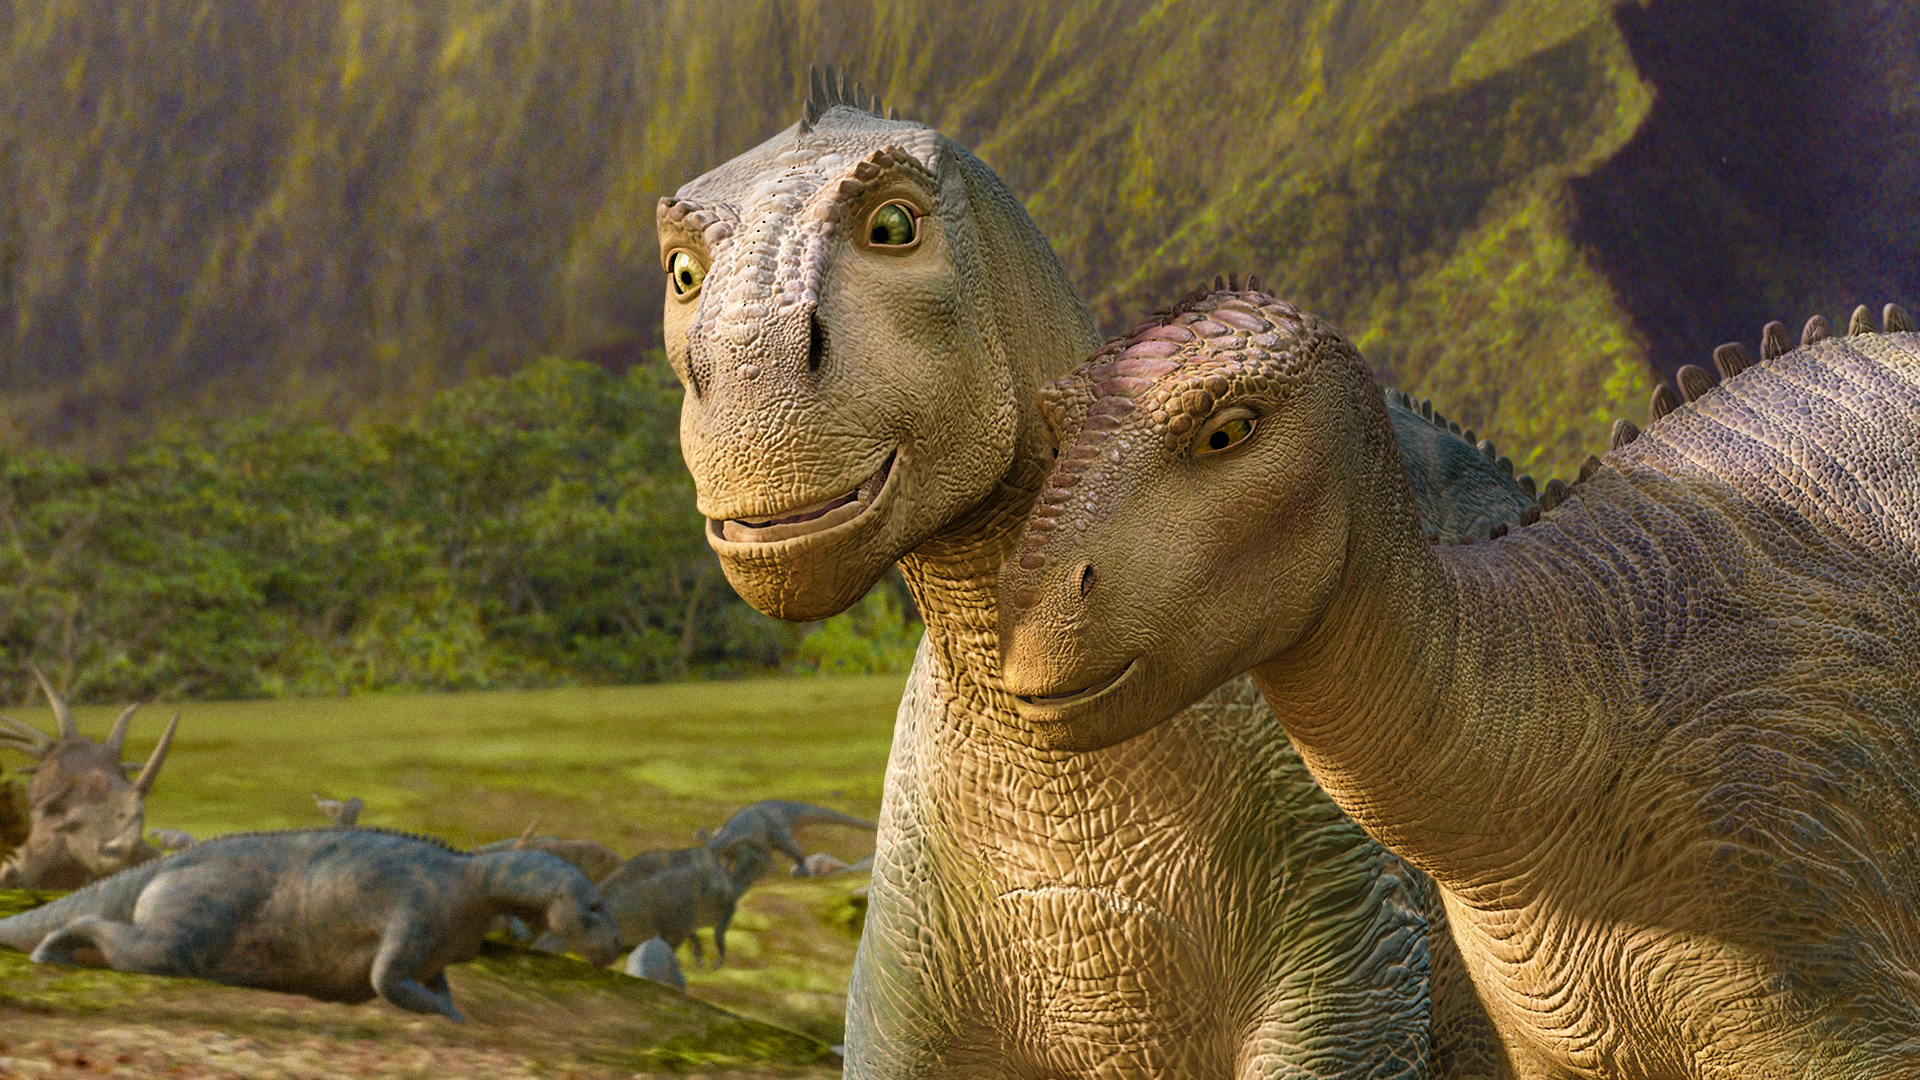 Ver Dinosaurio Pelicula Completa Disney Search, discover and share your favorite dinosaurios gifs. ver dinosaurio pelicula completa